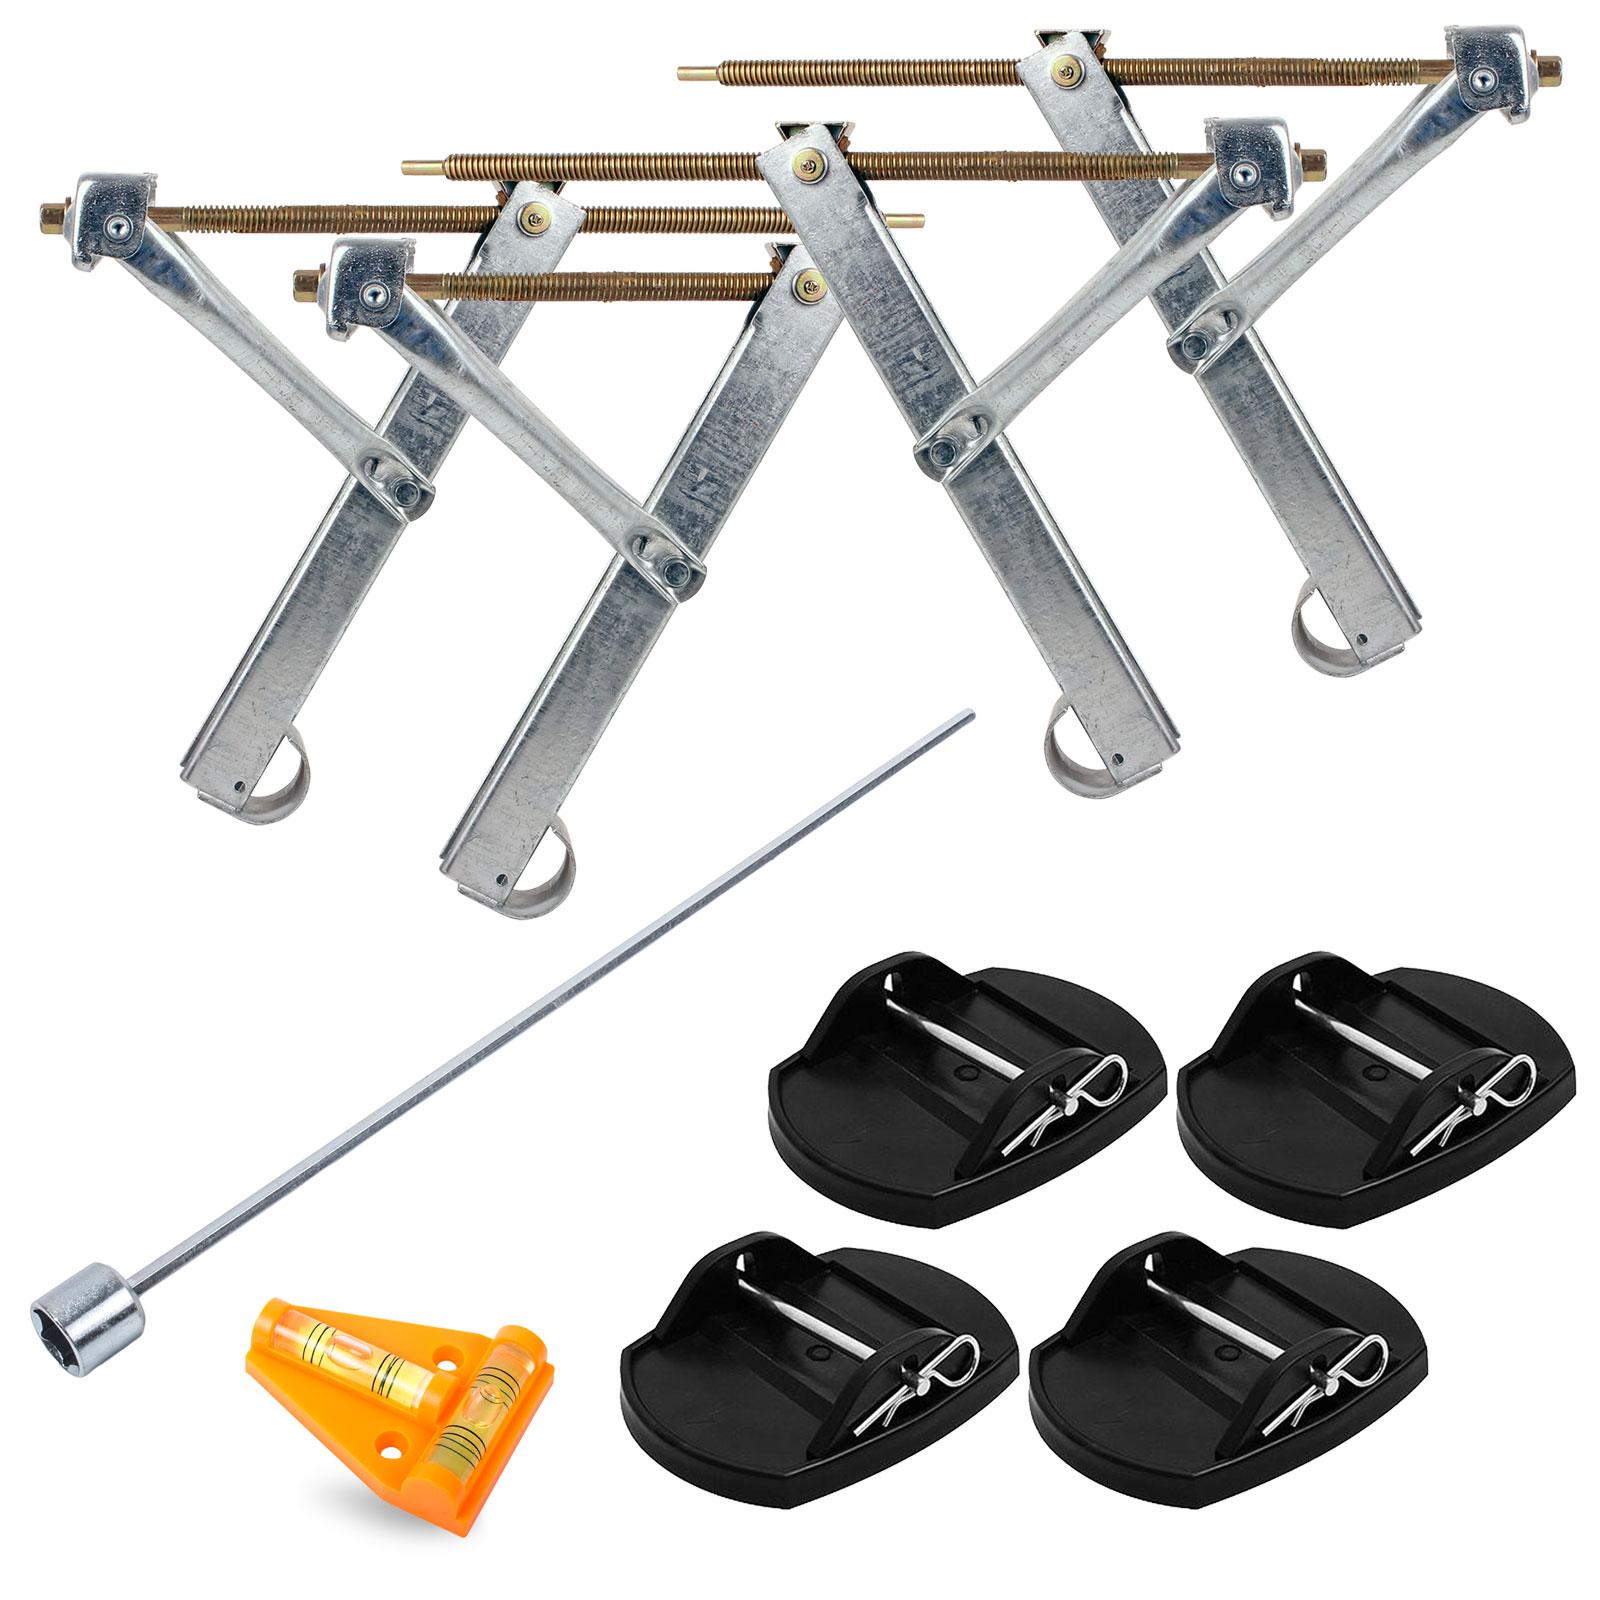 Ausdrehstützen 4 st. + Akkuschrauberaufsatz + Proplus Stützplatten + Wasserwaage